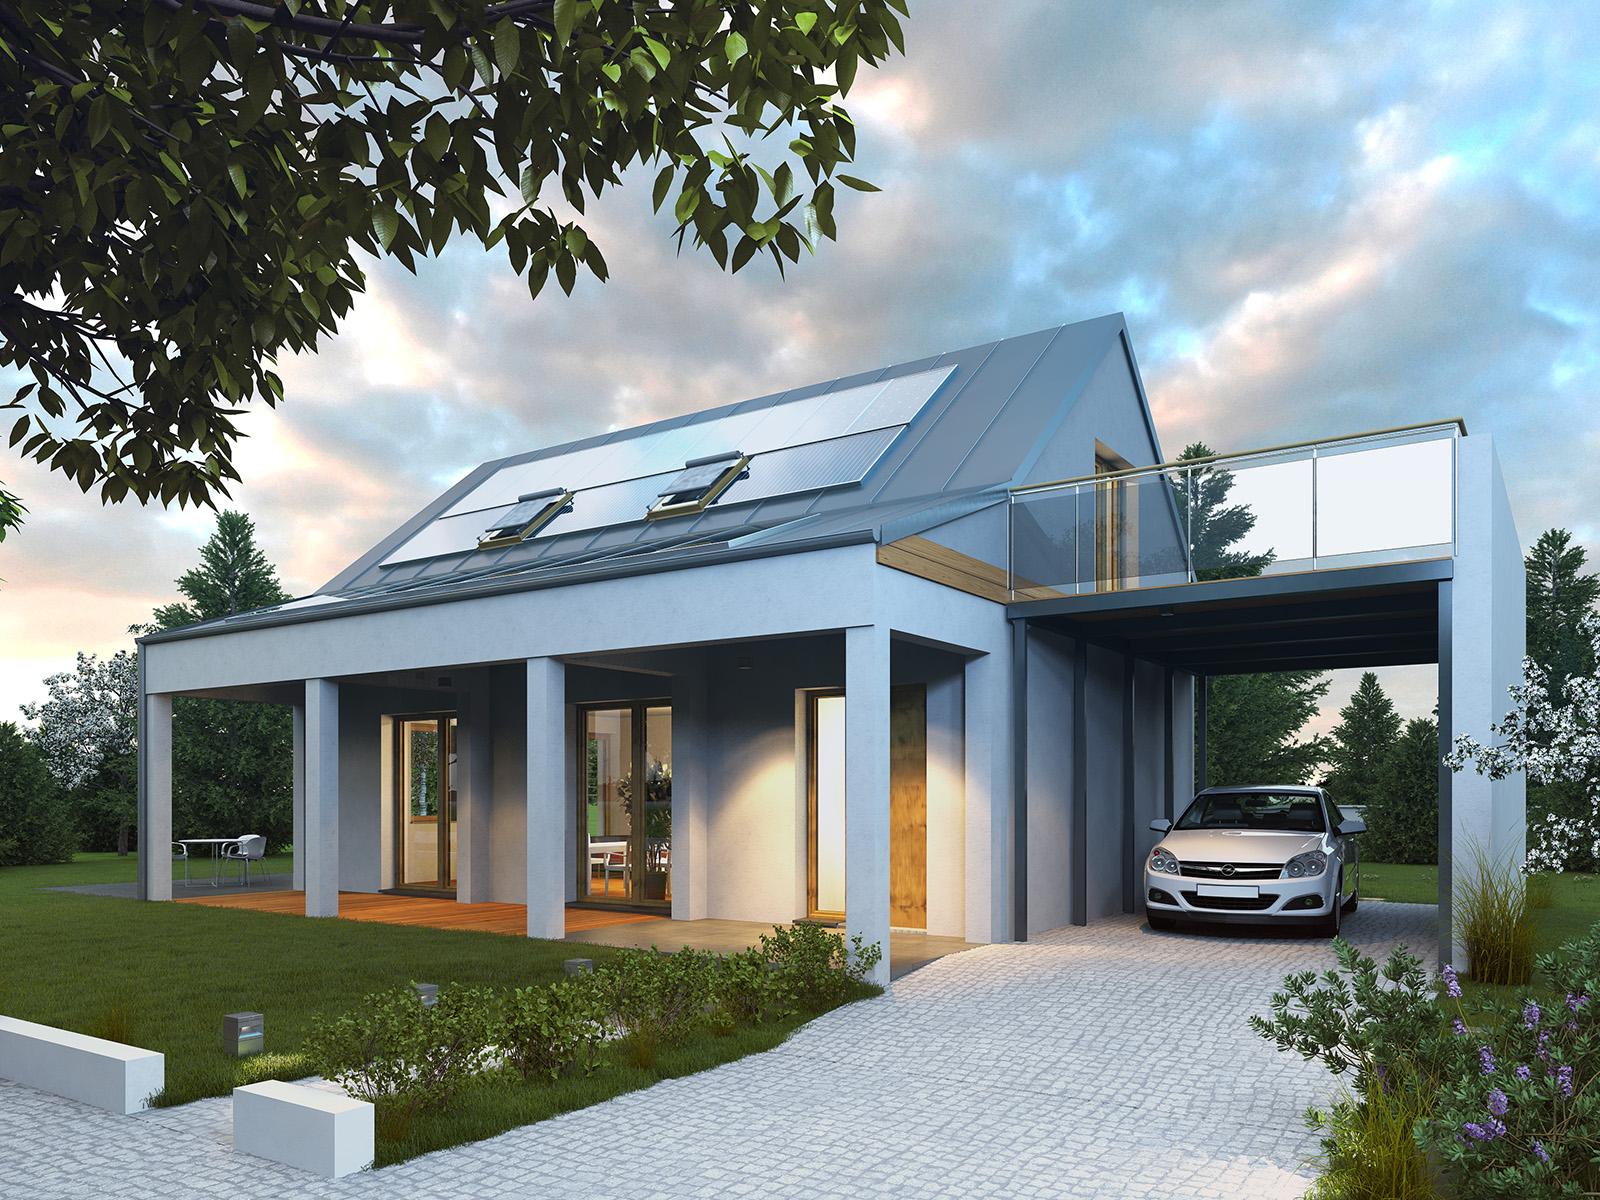 Projekt domu UROCZY Domy Czystej Energii widok od frontu